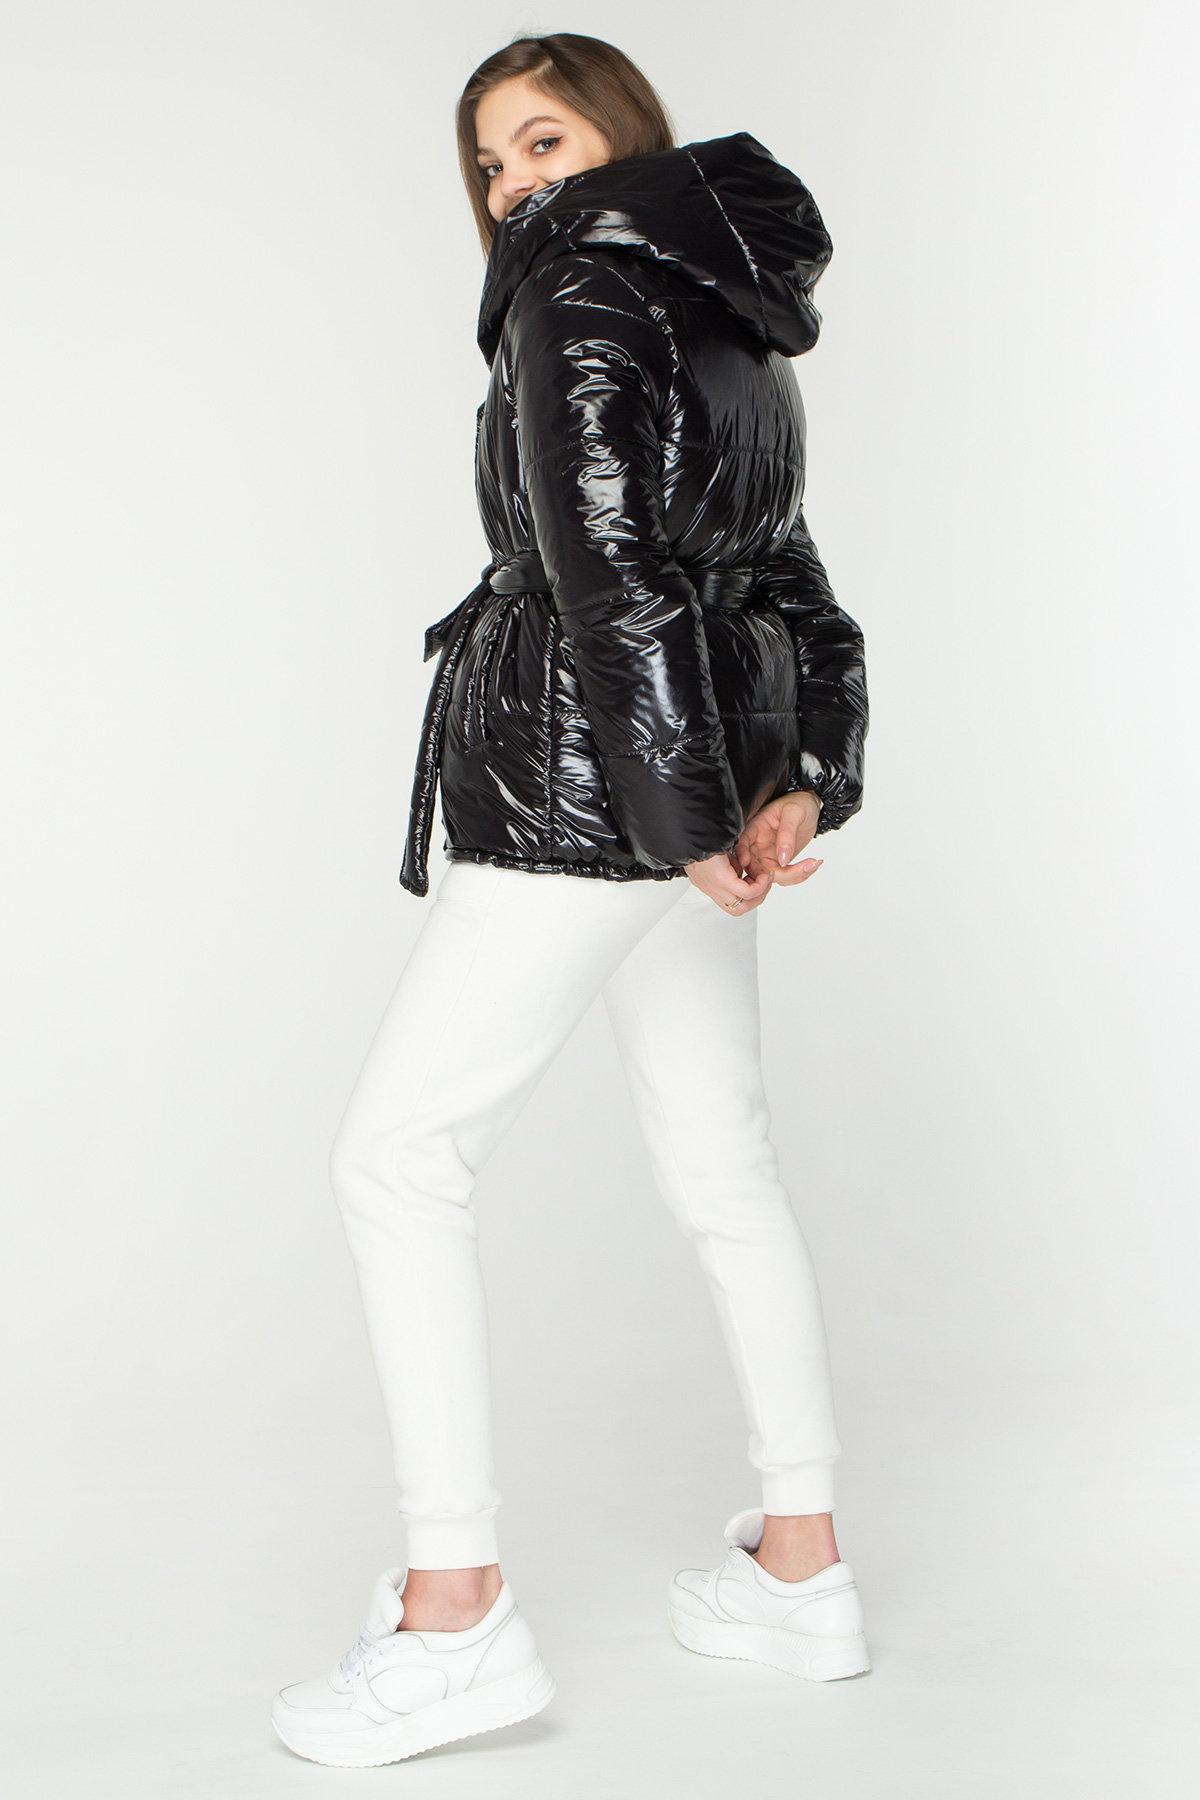 Лаковая куртка пуховик с поясом Бумер 8696 АРТ. 45155 Цвет: Черный - фото 7, интернет магазин tm-modus.ru